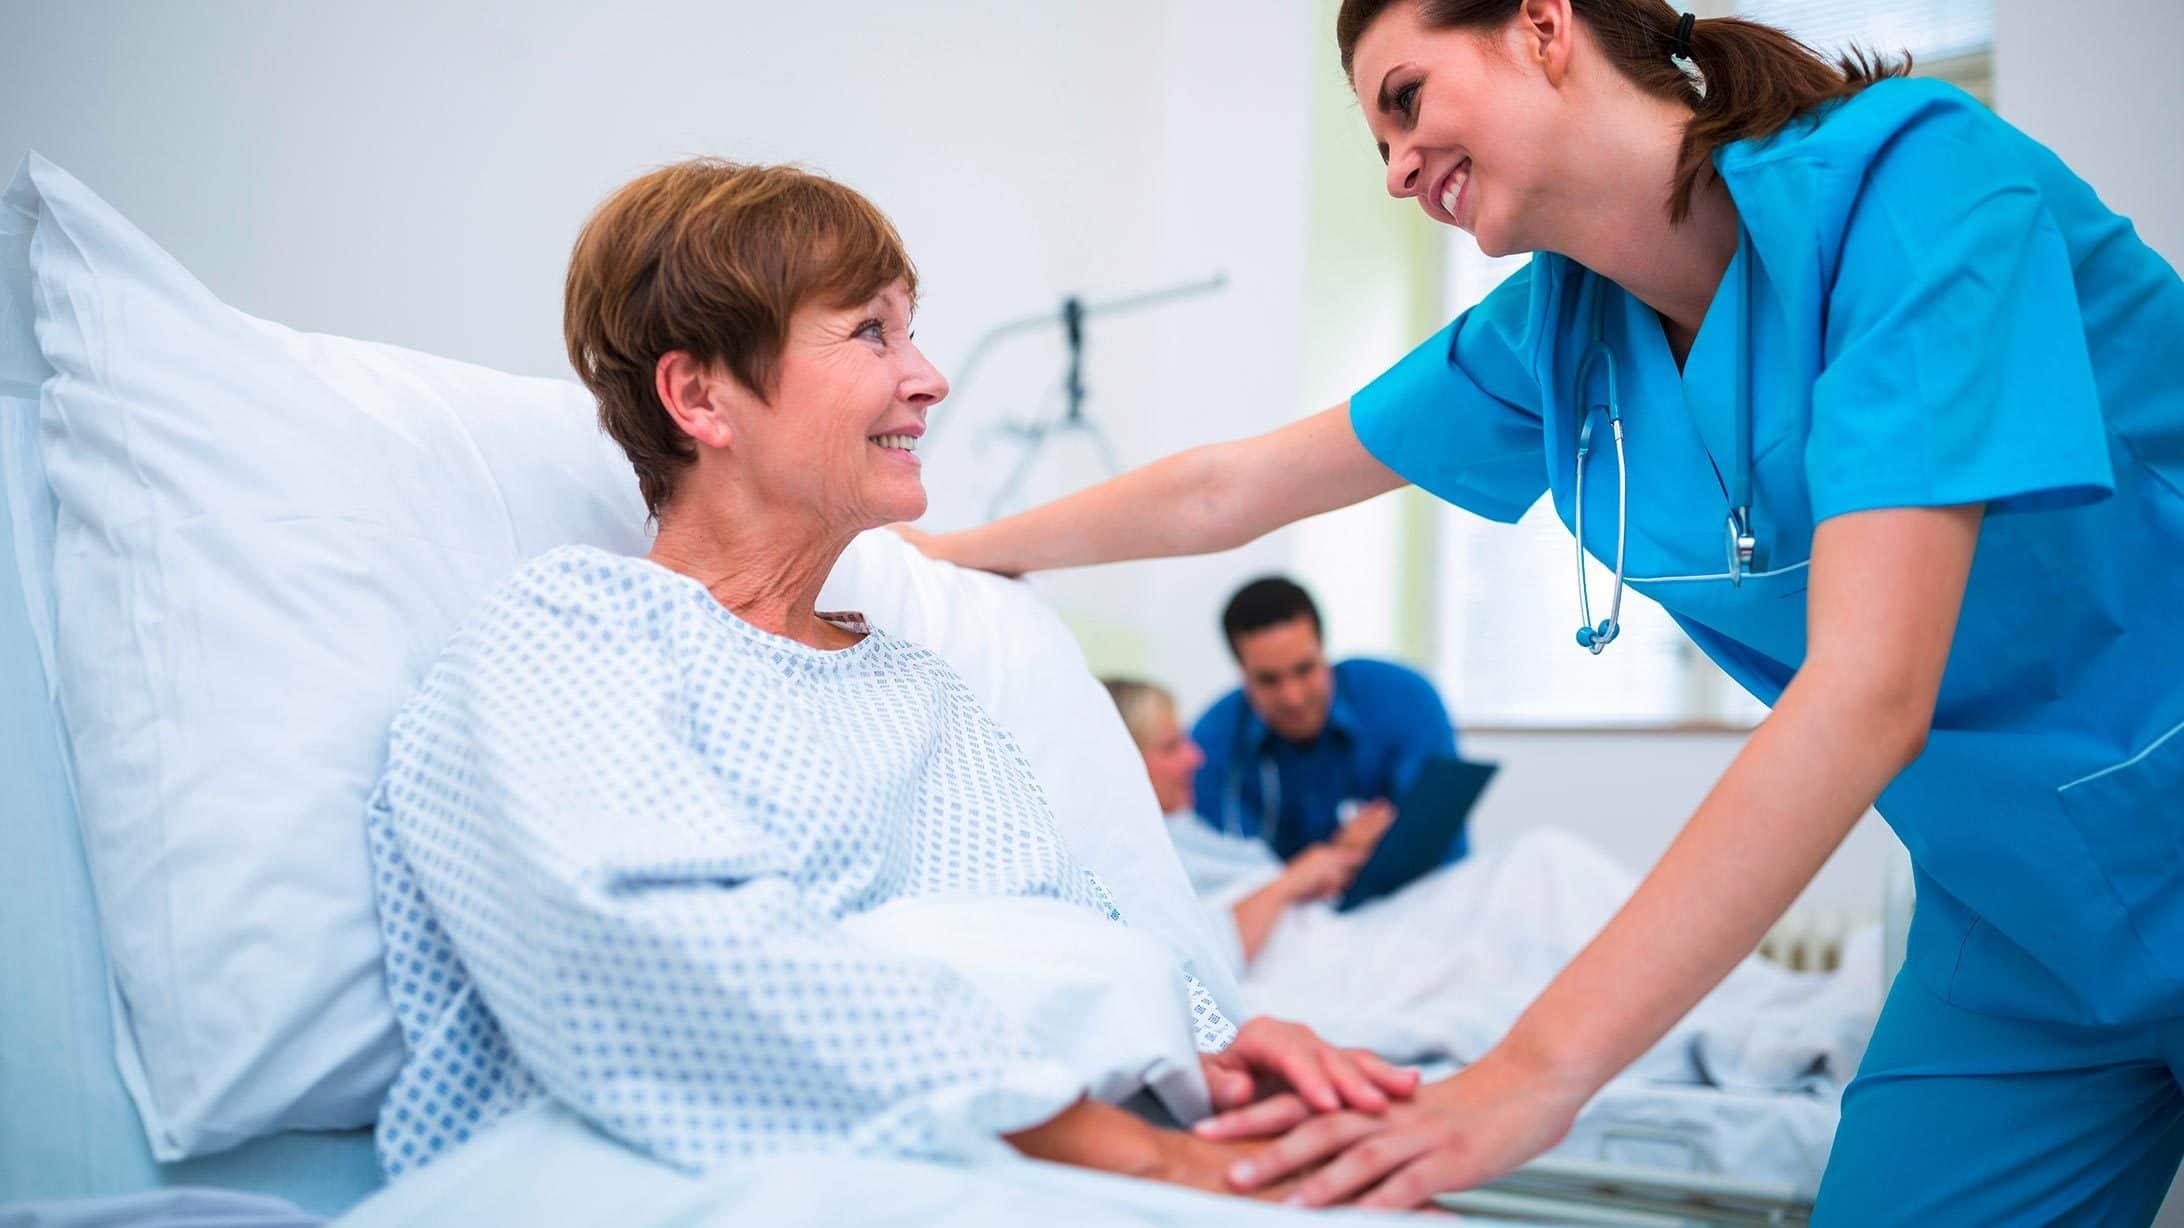 Foto Patientin mit Pflegerin